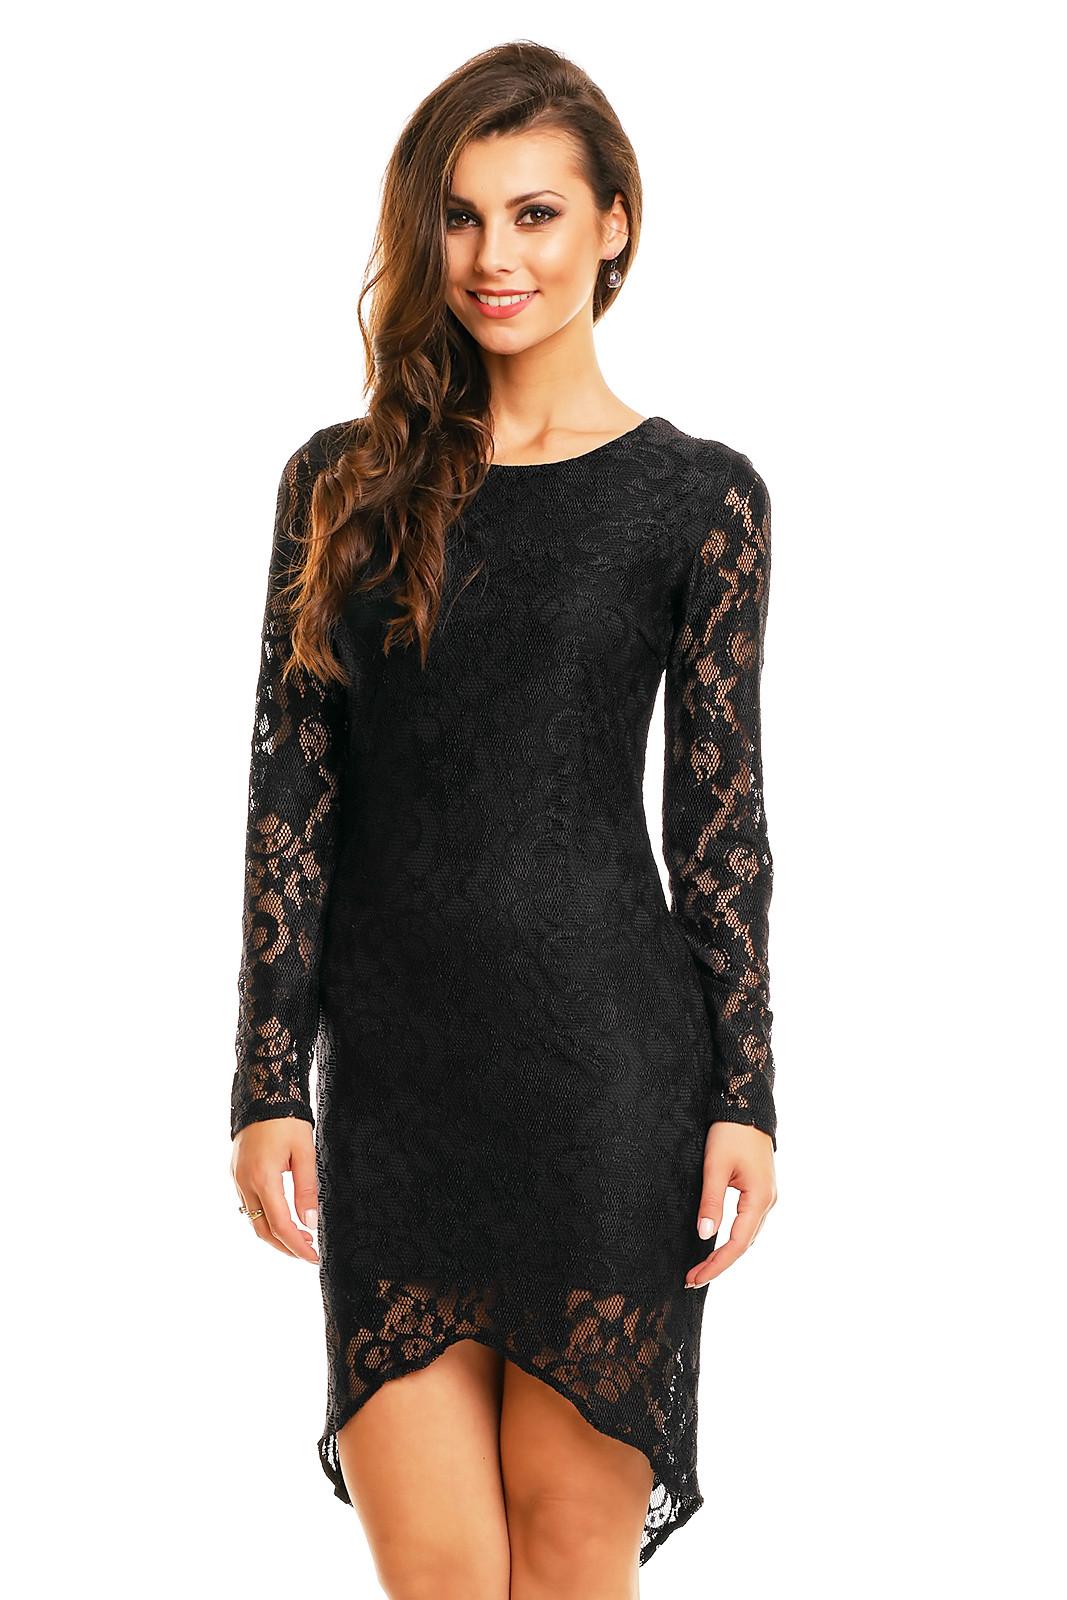 Společenské šaty značkové MAYAADI krajkové s asymetrickou sukní černá S